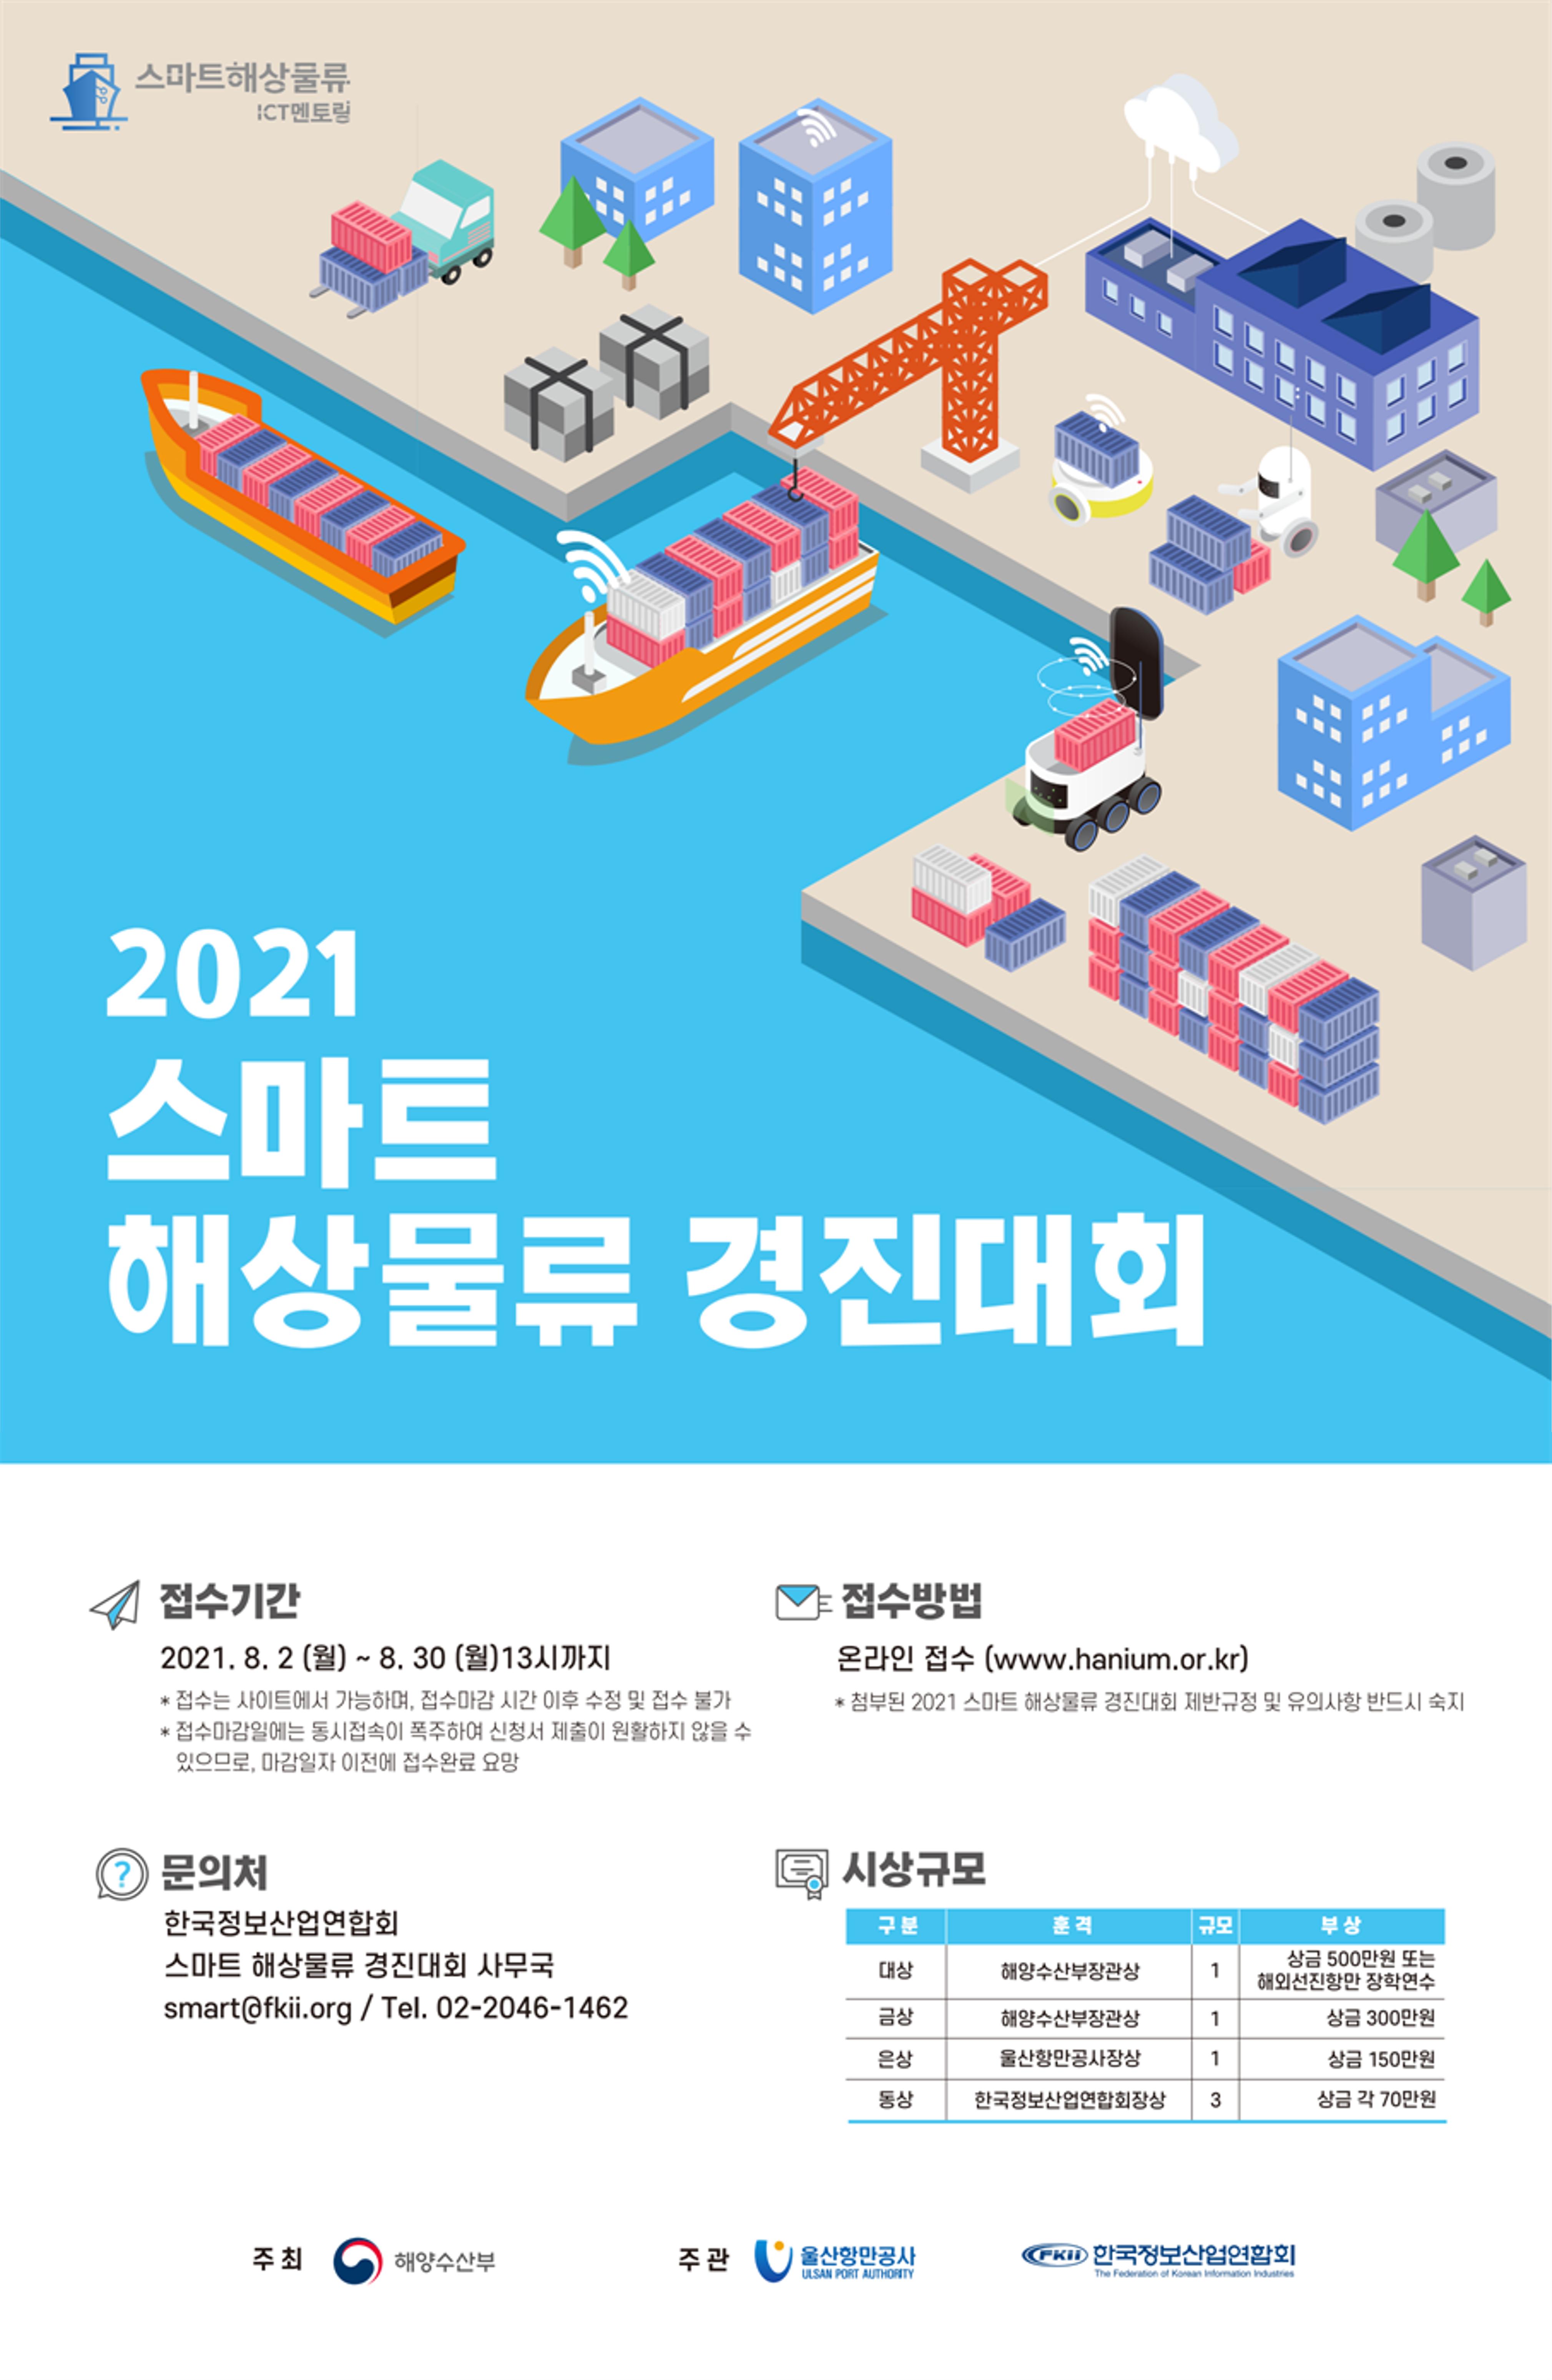 2021 스마트 해상물류 경진대회 접수기간: 2021년 8월 2일 월요일부터 8월 30일 월요일 13시까지 접수는 사이트에서 가능하며, 접수마감 시간 이후 수정 및 접수 불가. 접수마감일에는 동시접속이 폭주하여 신청서 제출이 원활하지 않을 수 있으므로 마감일자 이전에 접수완료 요망. 접수방법: 온라인 접수(www.hanium.or.kr). 첨부된 2021 스마트 해상물류 경진대회 제반규정 및 유의사항 반드시 숙지. 시상규모: 대상 1팀 해양수산부장관상 상금 500만원 또는 해외선진항만 장학연수, 금상 1팀 해양수산부장관상 상금 300만원, 은상 1팀 울산항만공사장상 장학금 150만원, 동상 3팀 한국정보산업연합회장상 각 상금 70만원. 문의처: 한국정보산업연합회 스마트 해상물류 경진대회 사무국 (이메일: smart@fkii.org , 전화: 02-2046-1462) 주최: 해양수산부 주관: 울산항만공사 및 한국정보산업연합회